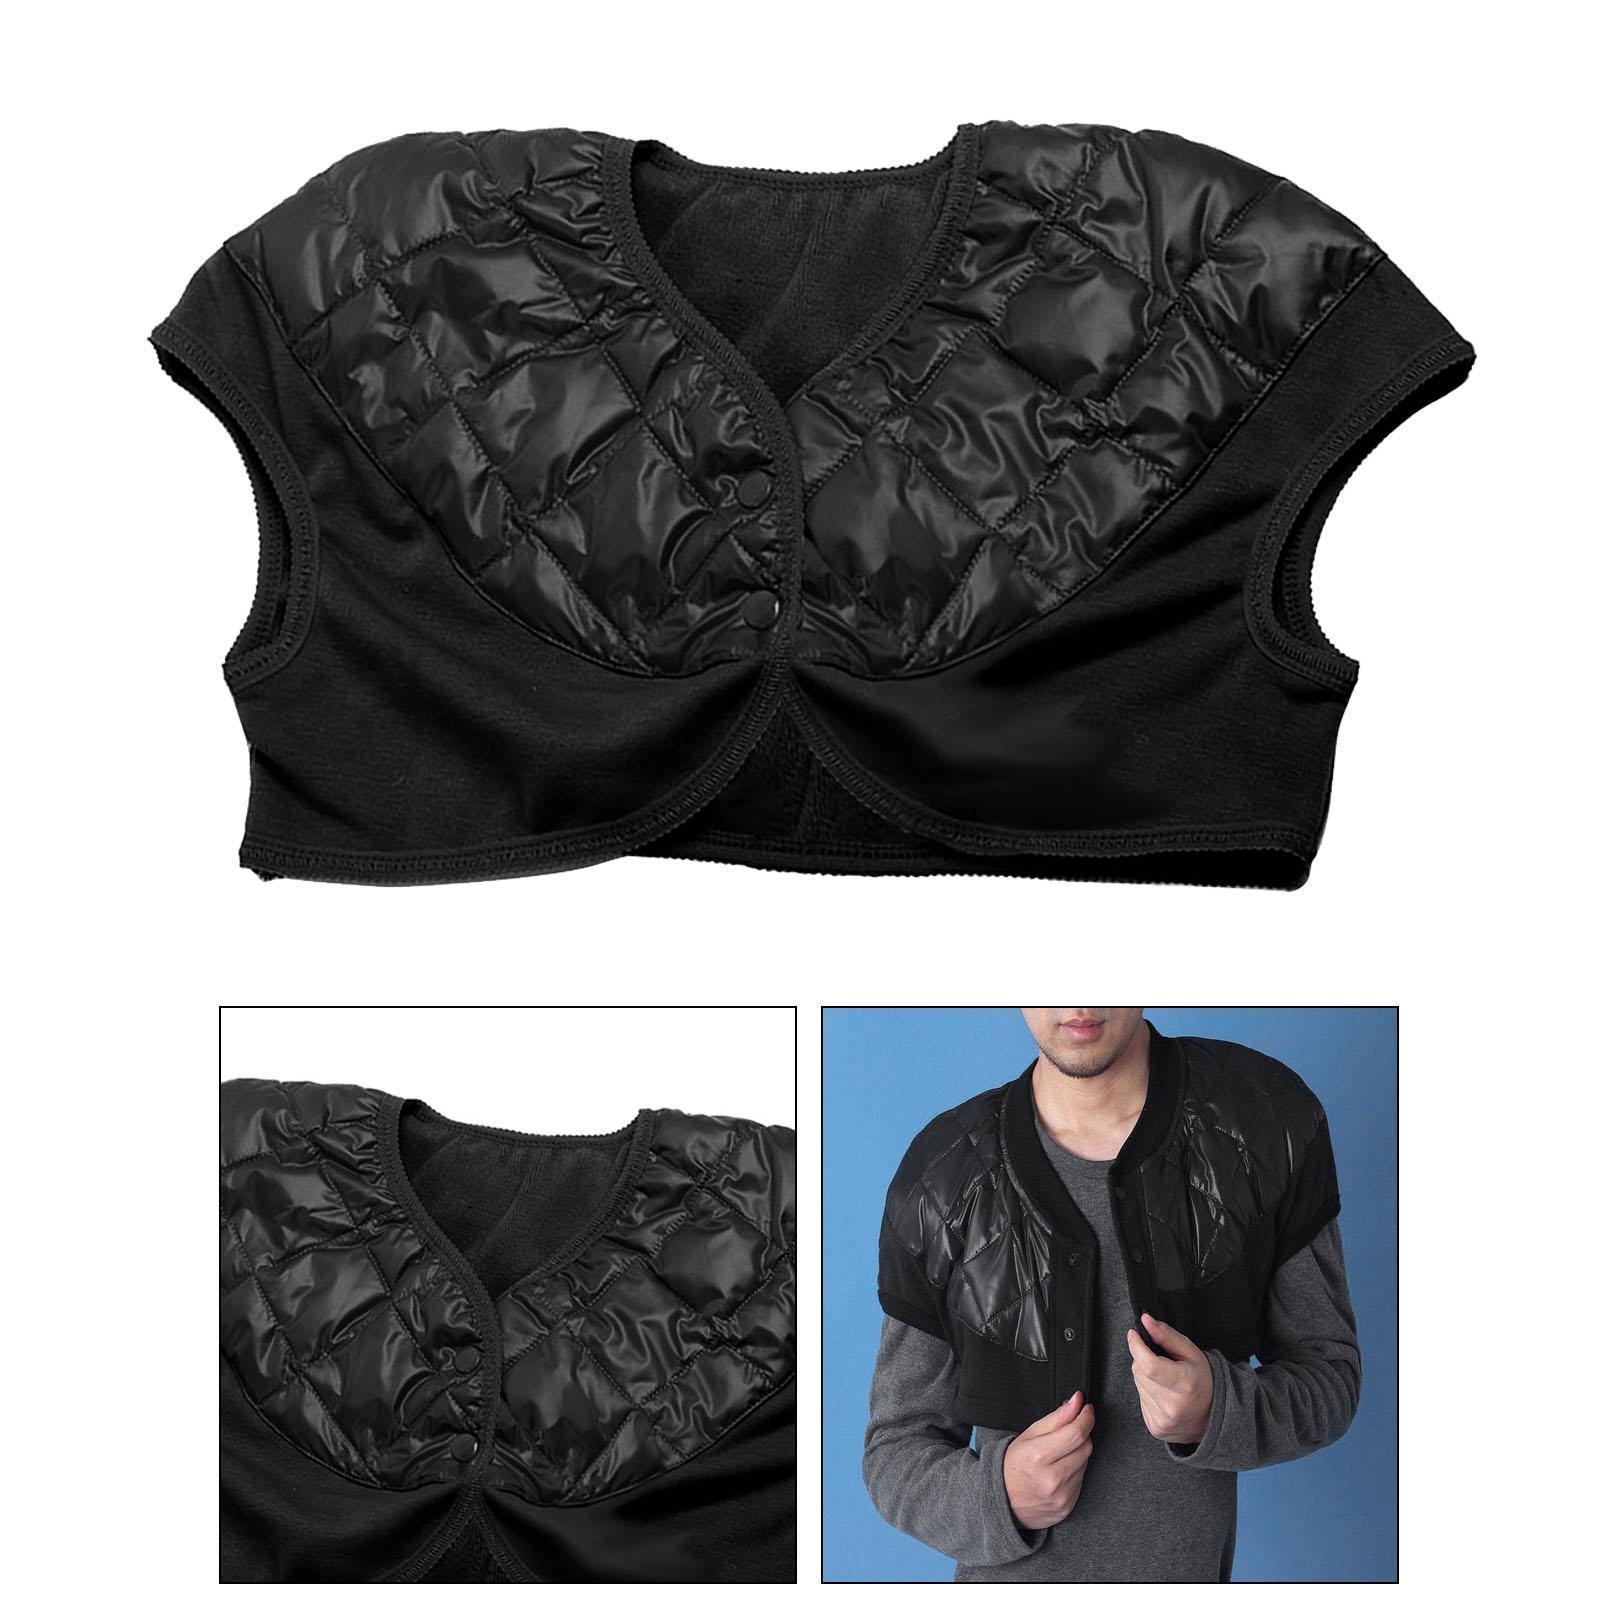 Femmes-Hommes-Down-Jacket-Chaud-Manteau-Court-Epaule-Chaud-Thermique-Wrap miniatura 62